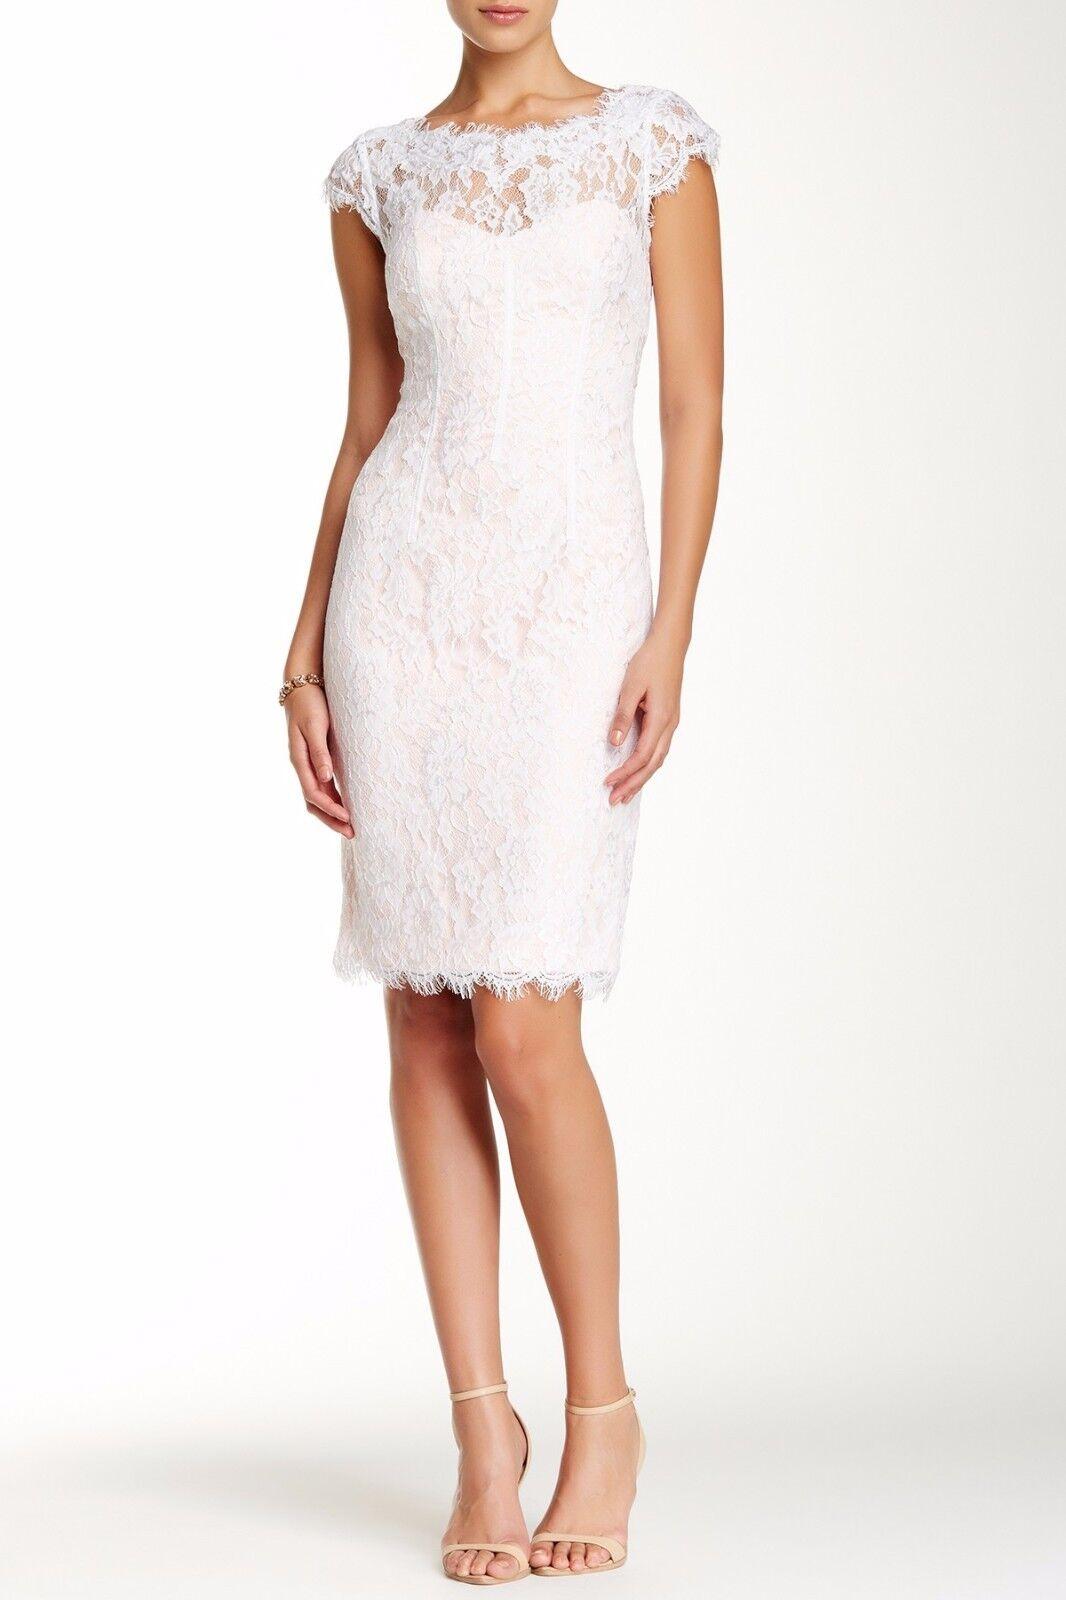 ML Monique Lhuillier White Petal Peak-a-Boo Lace Dress Size 10 12  NWT